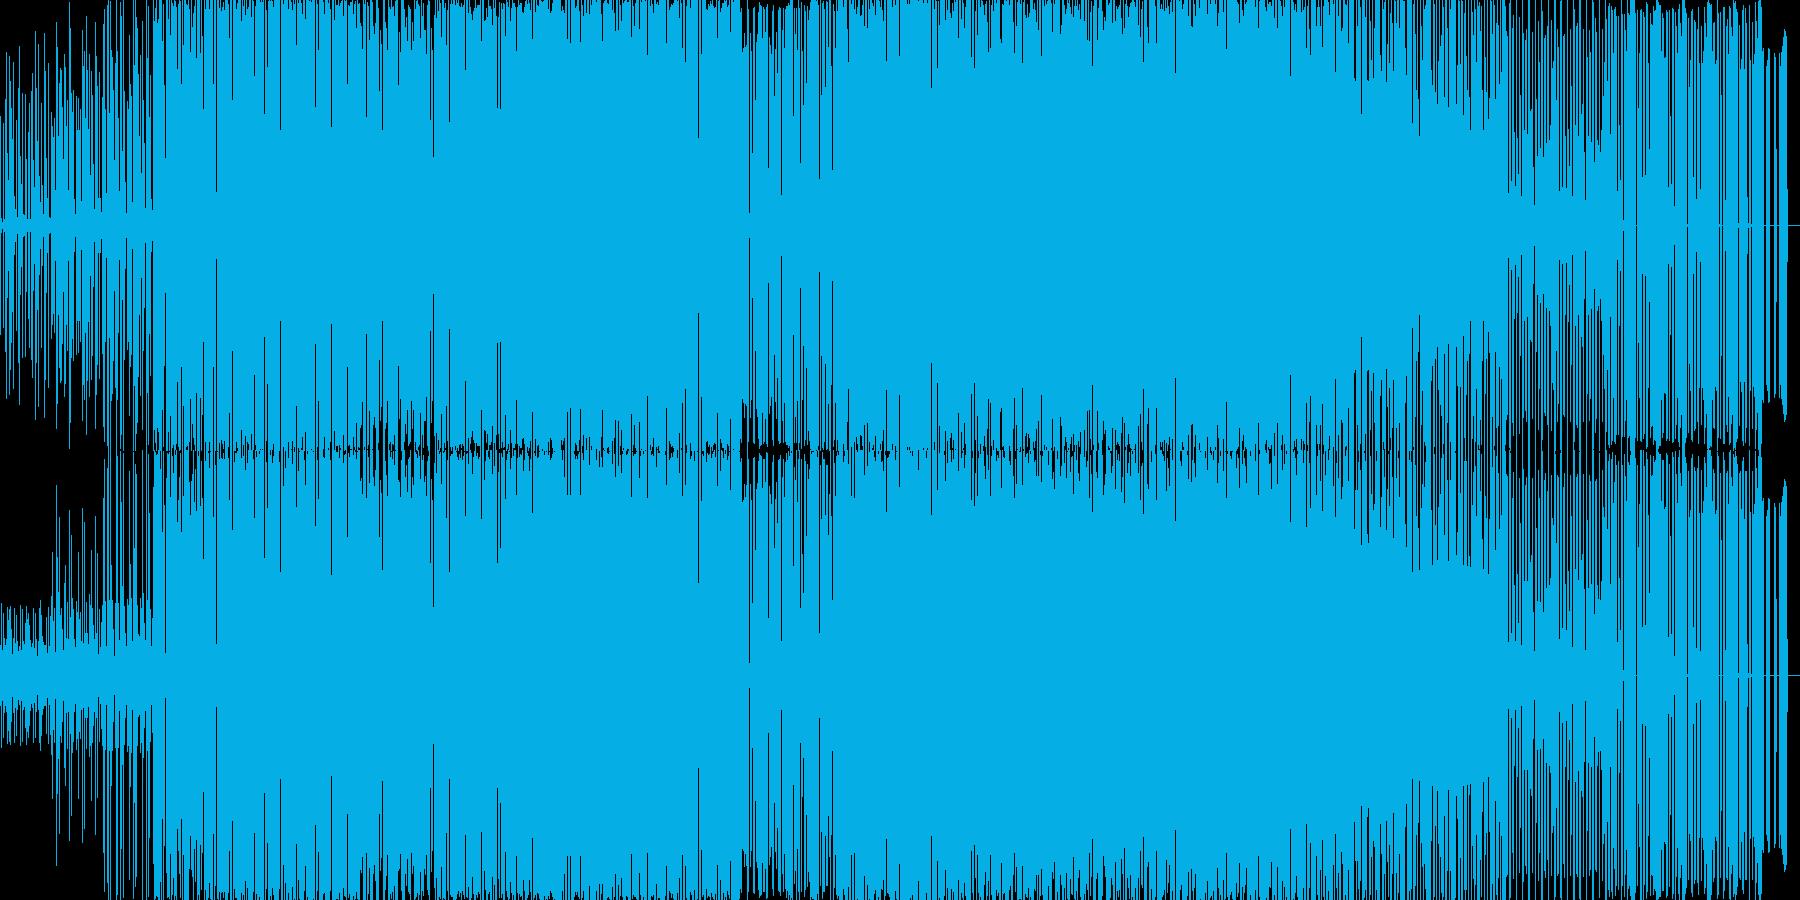 定番クラブサウンドの再生済みの波形